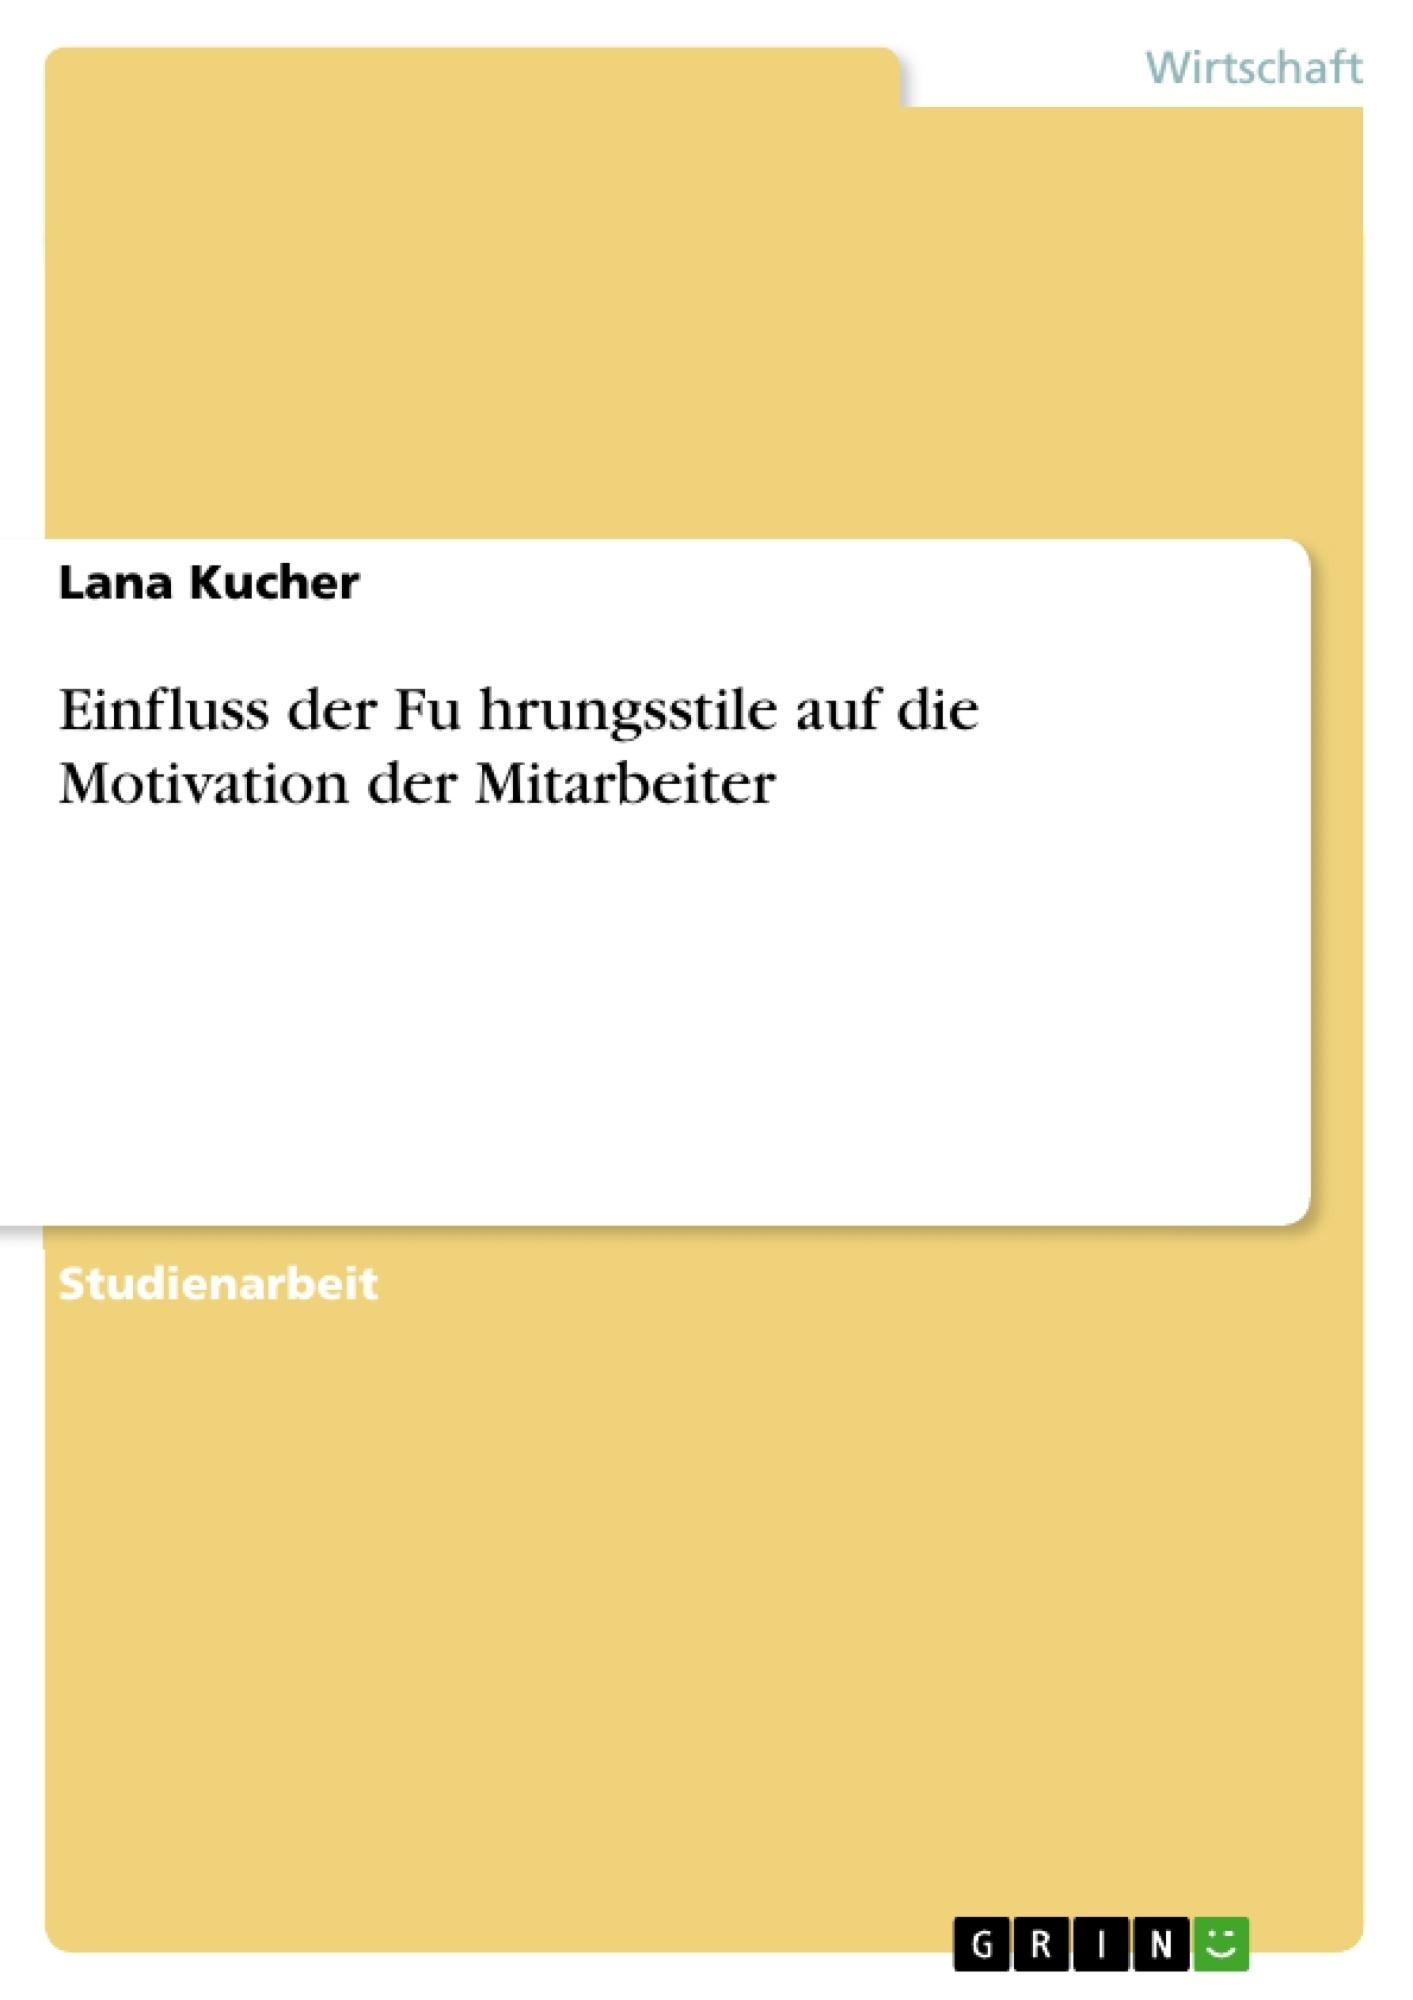 Titel: Einfluss der Führungsstile auf die Motivation der Mitarbeiter